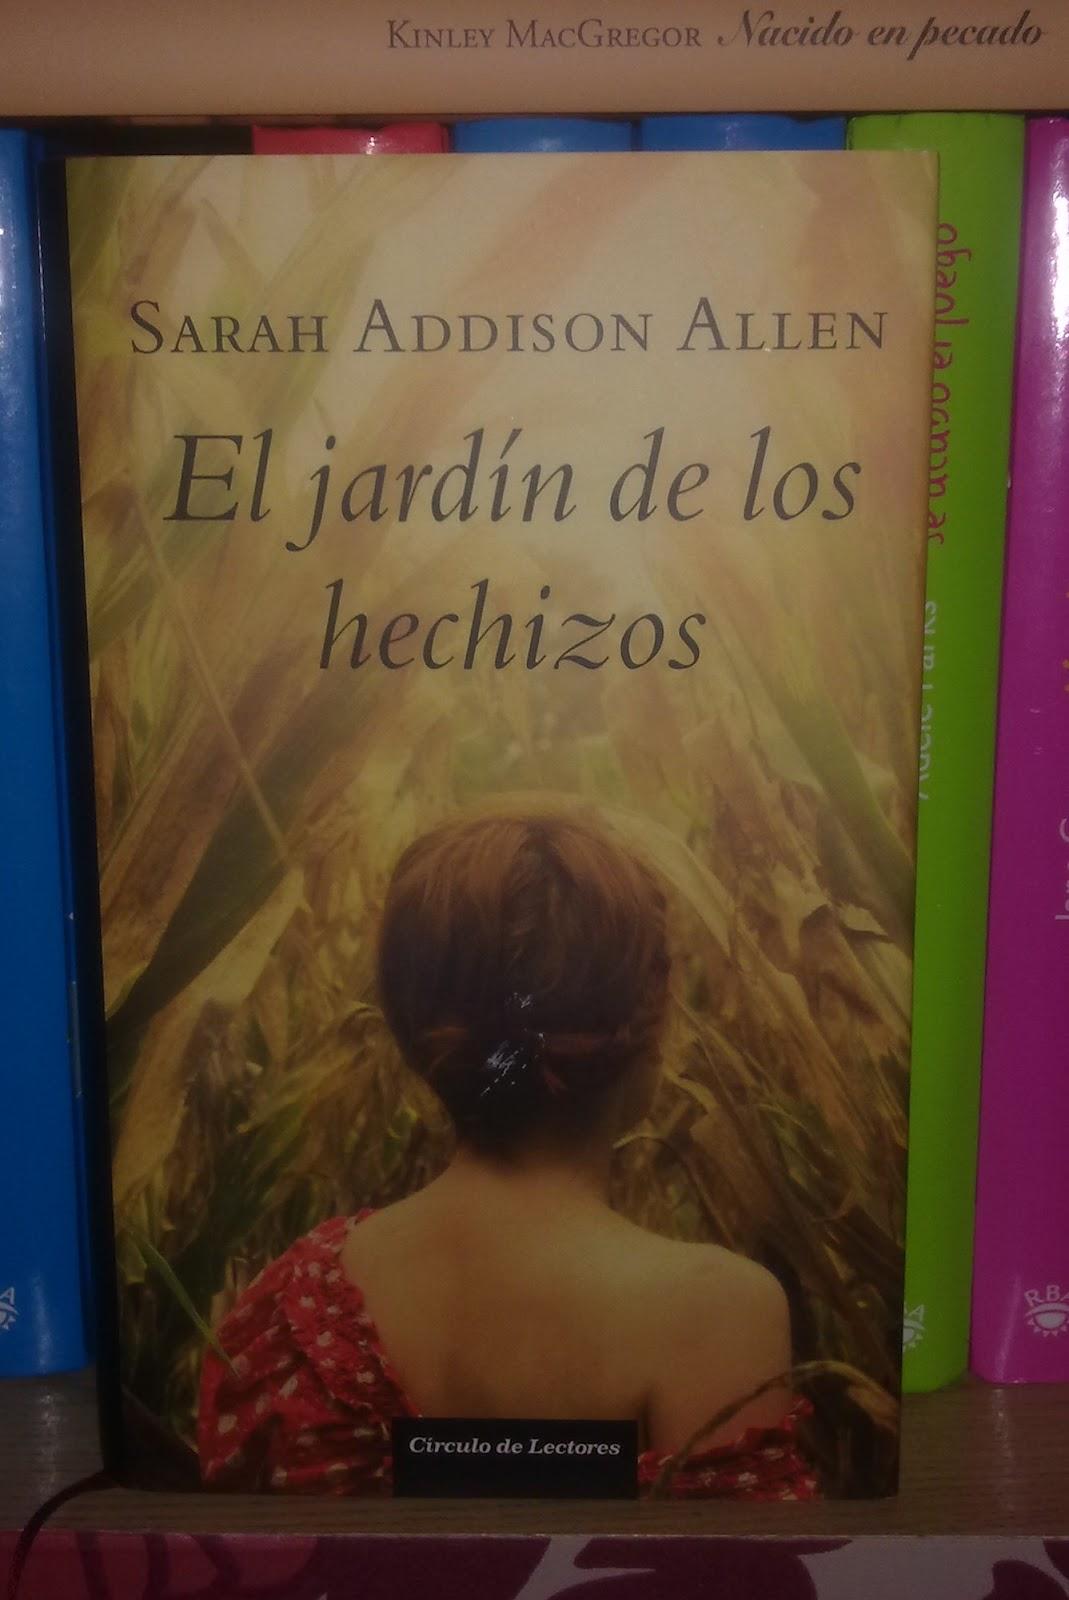 In s y sus libros el jard n de los hechizos de sarah for El jardin de los libros